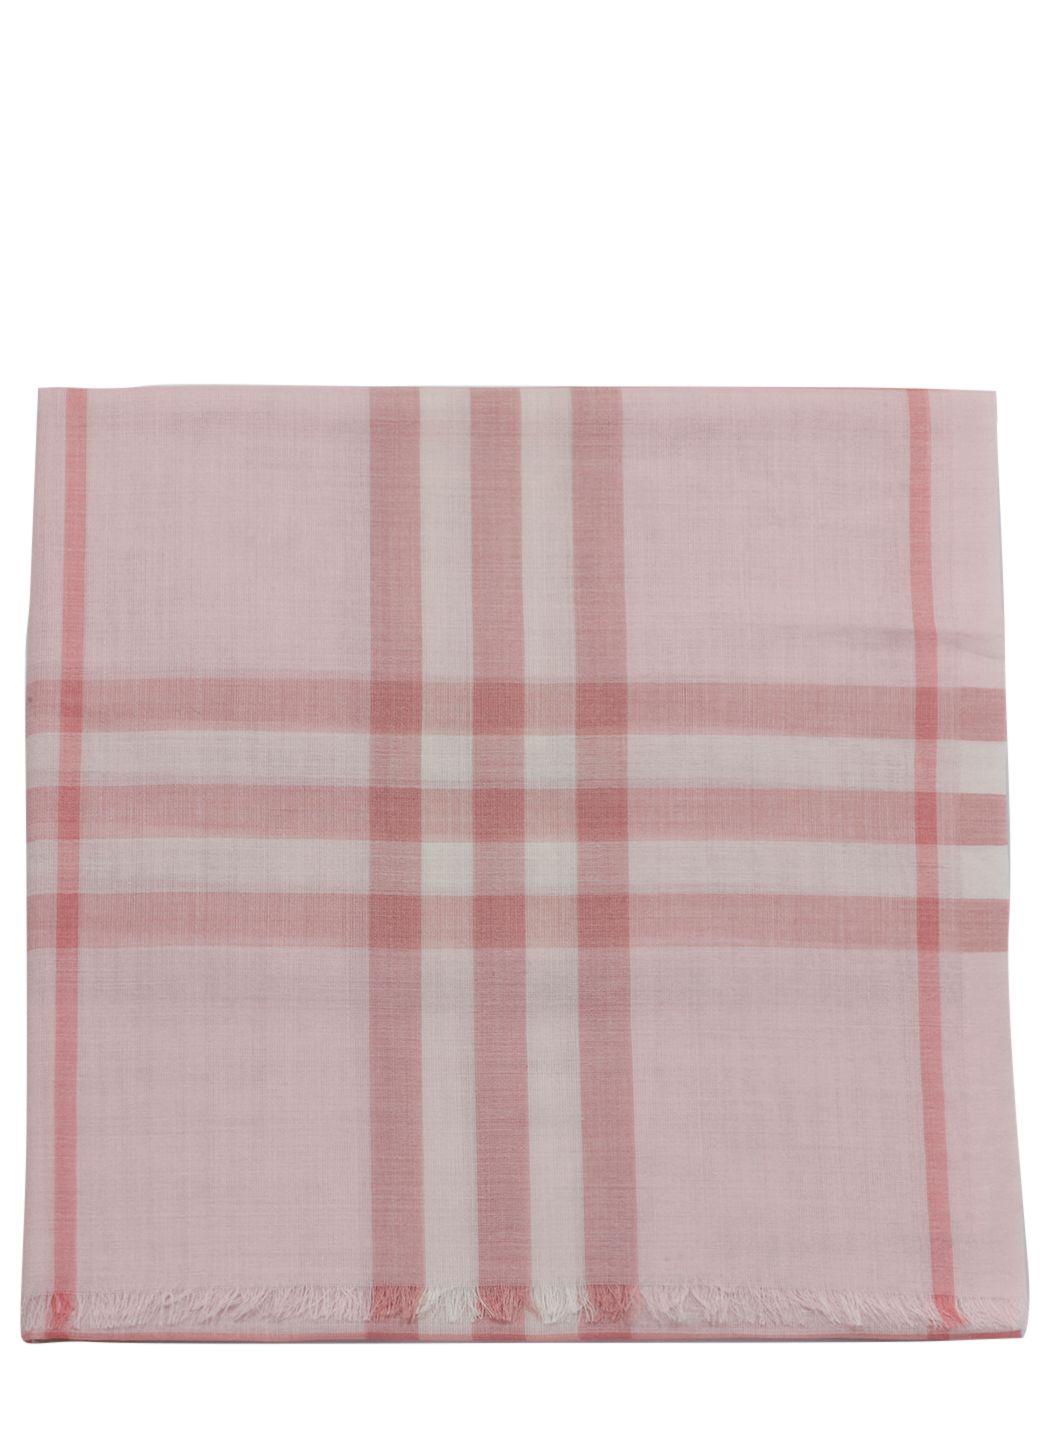 Gauzed wool and silk scarf